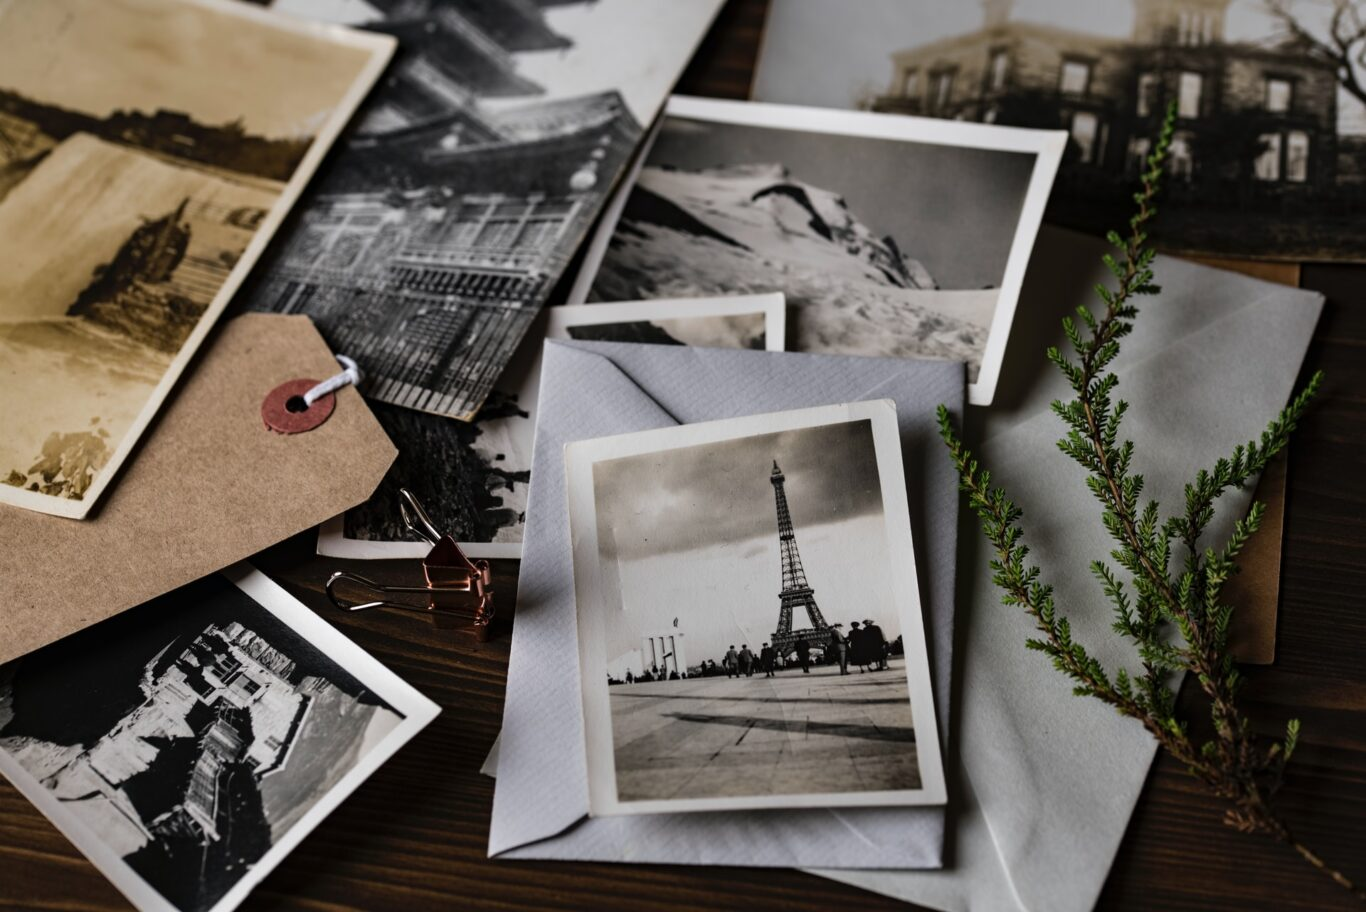 εικόνες μιας ιστορίας για την αγάπη